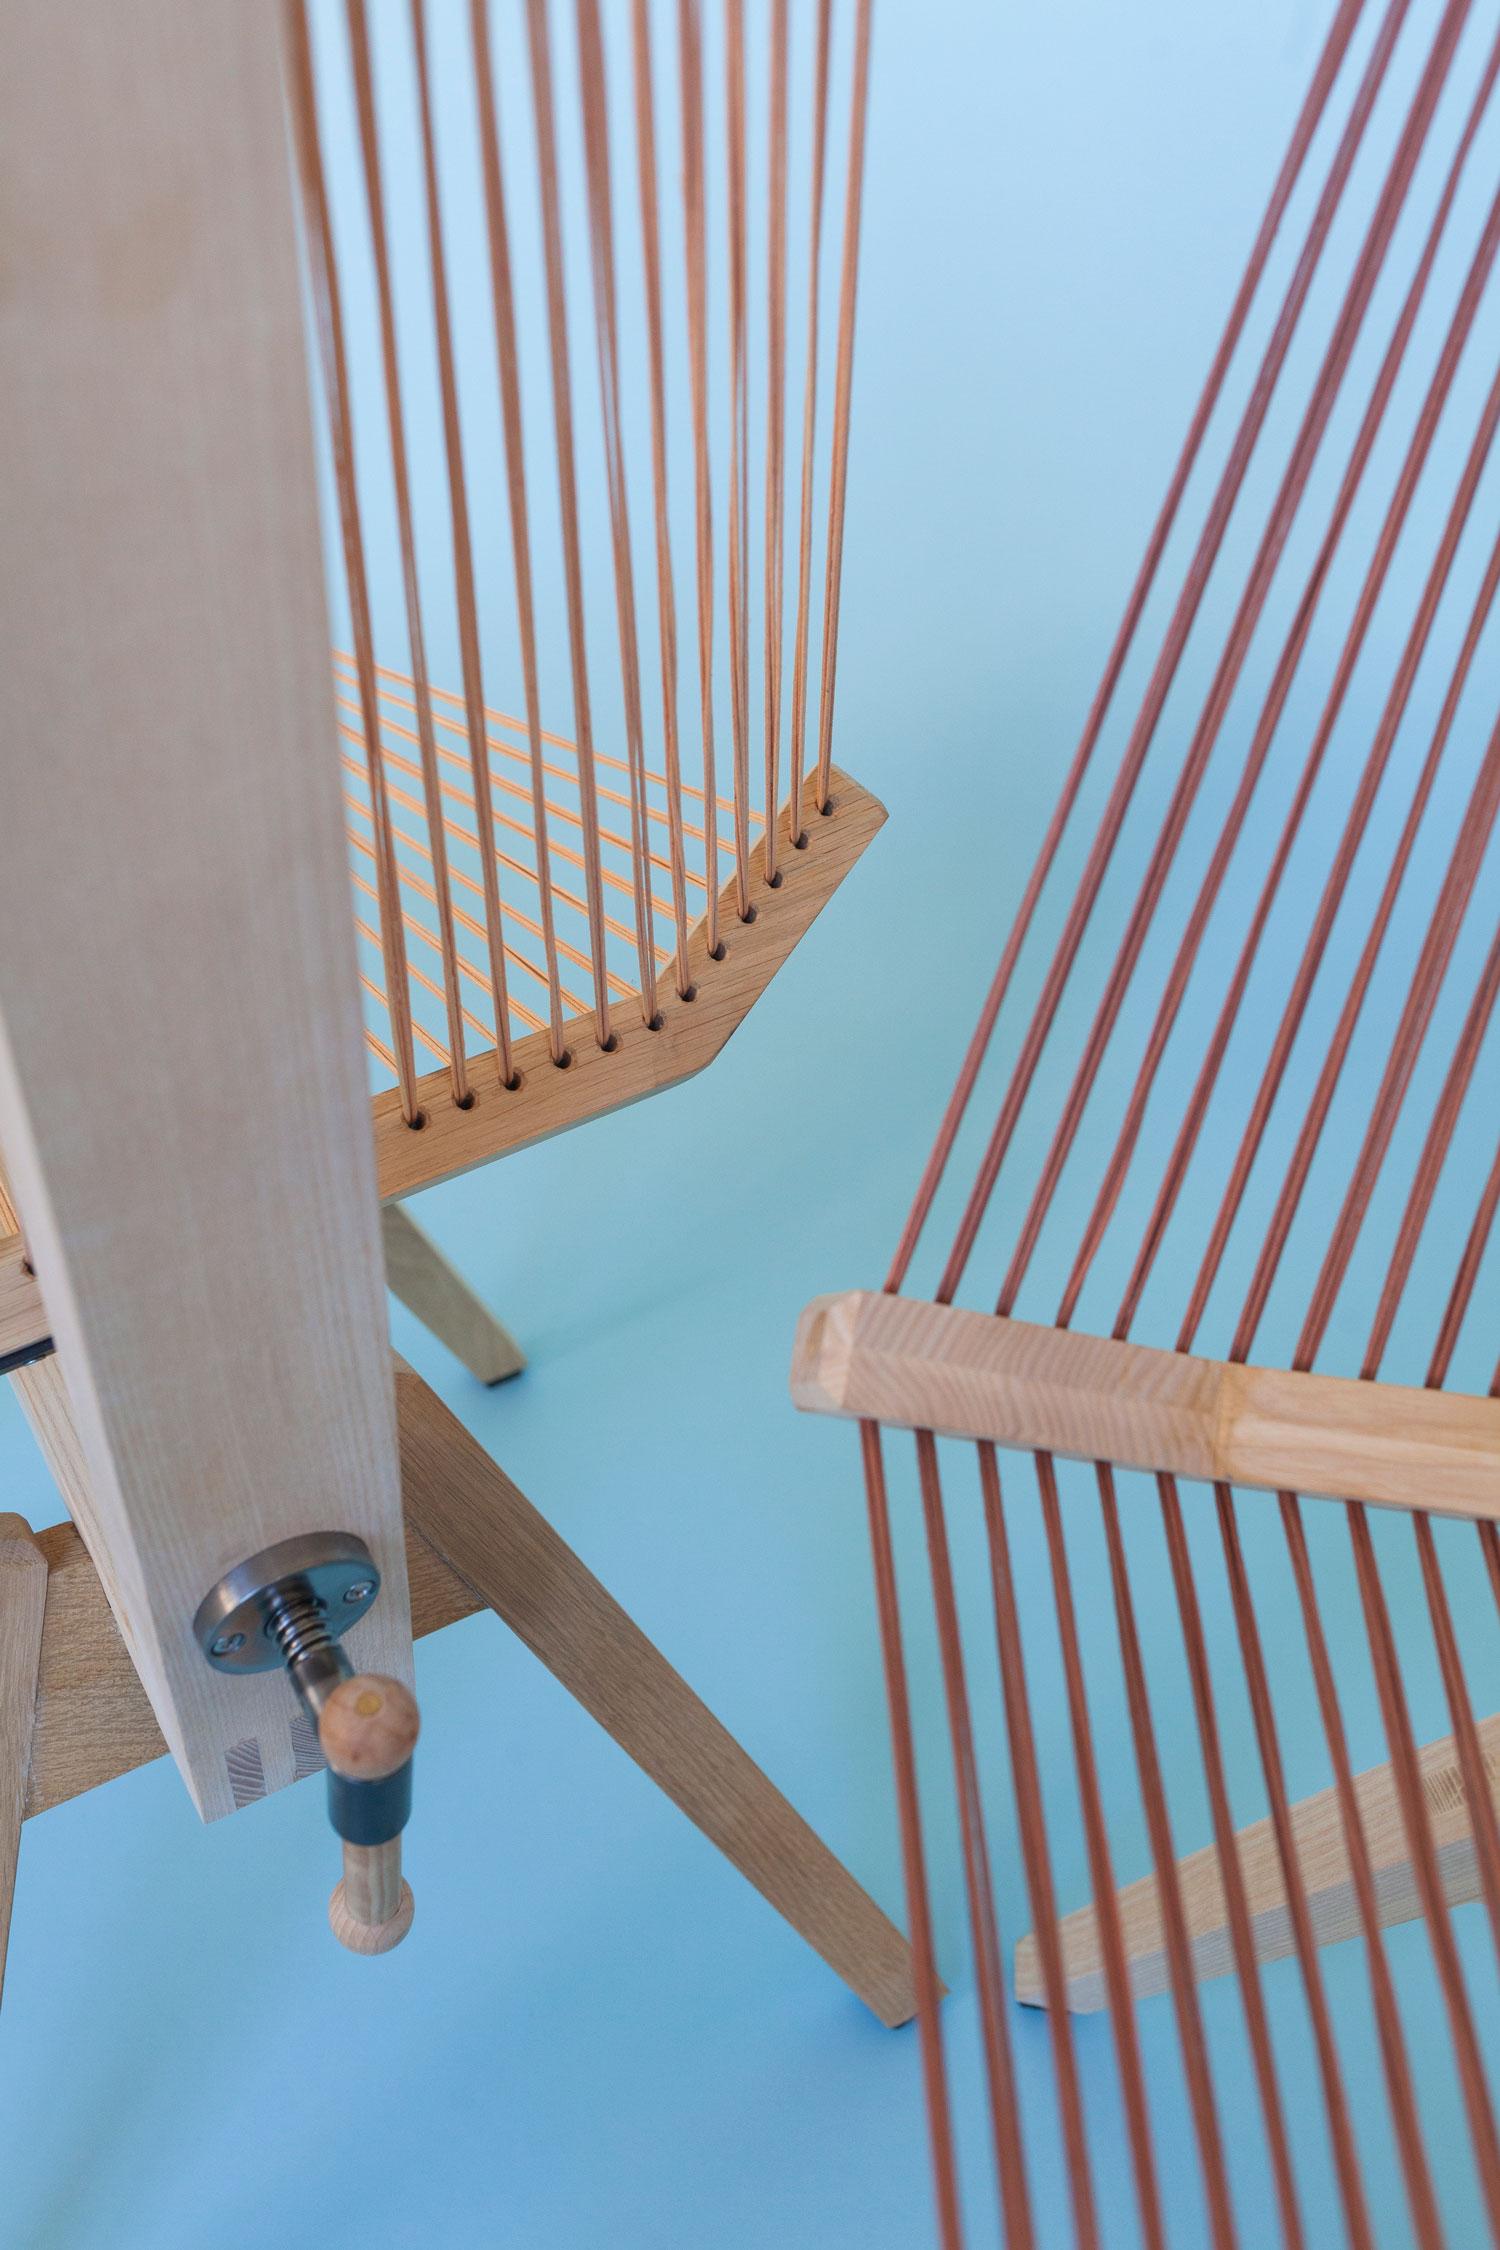 Trækonstruktionen i stolen Edith er fremstillet af dansk ask samt et sæde, som er trådet med snørre af vokset bomuld. Trådene kan justeres med opstrammeren, som er placeret på bagsiden af stolen, hvor det er muligt at justere siddekomfort.